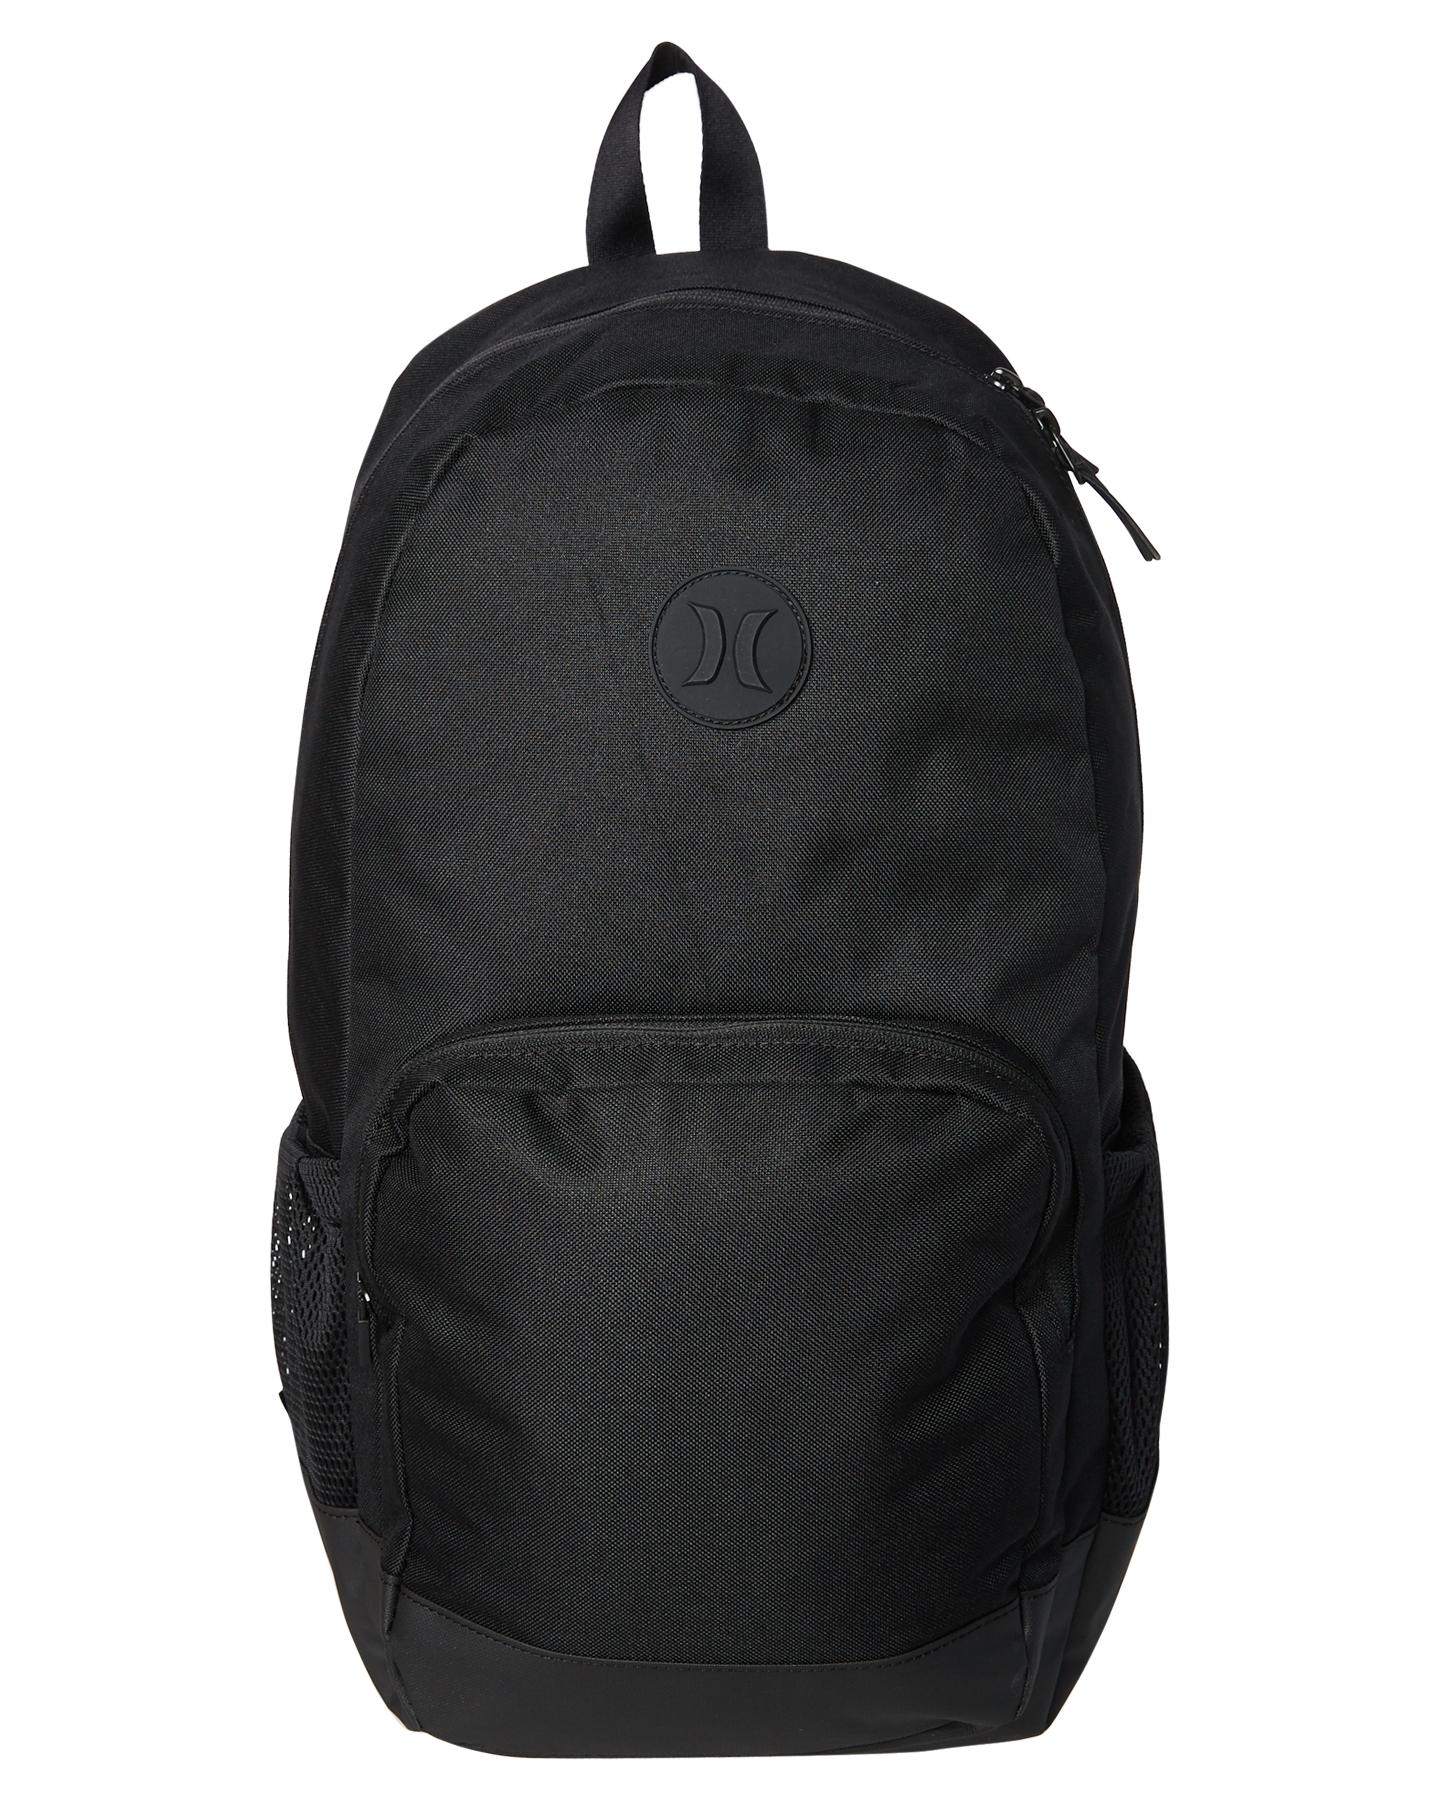 Backpacks | Bags | 6pm